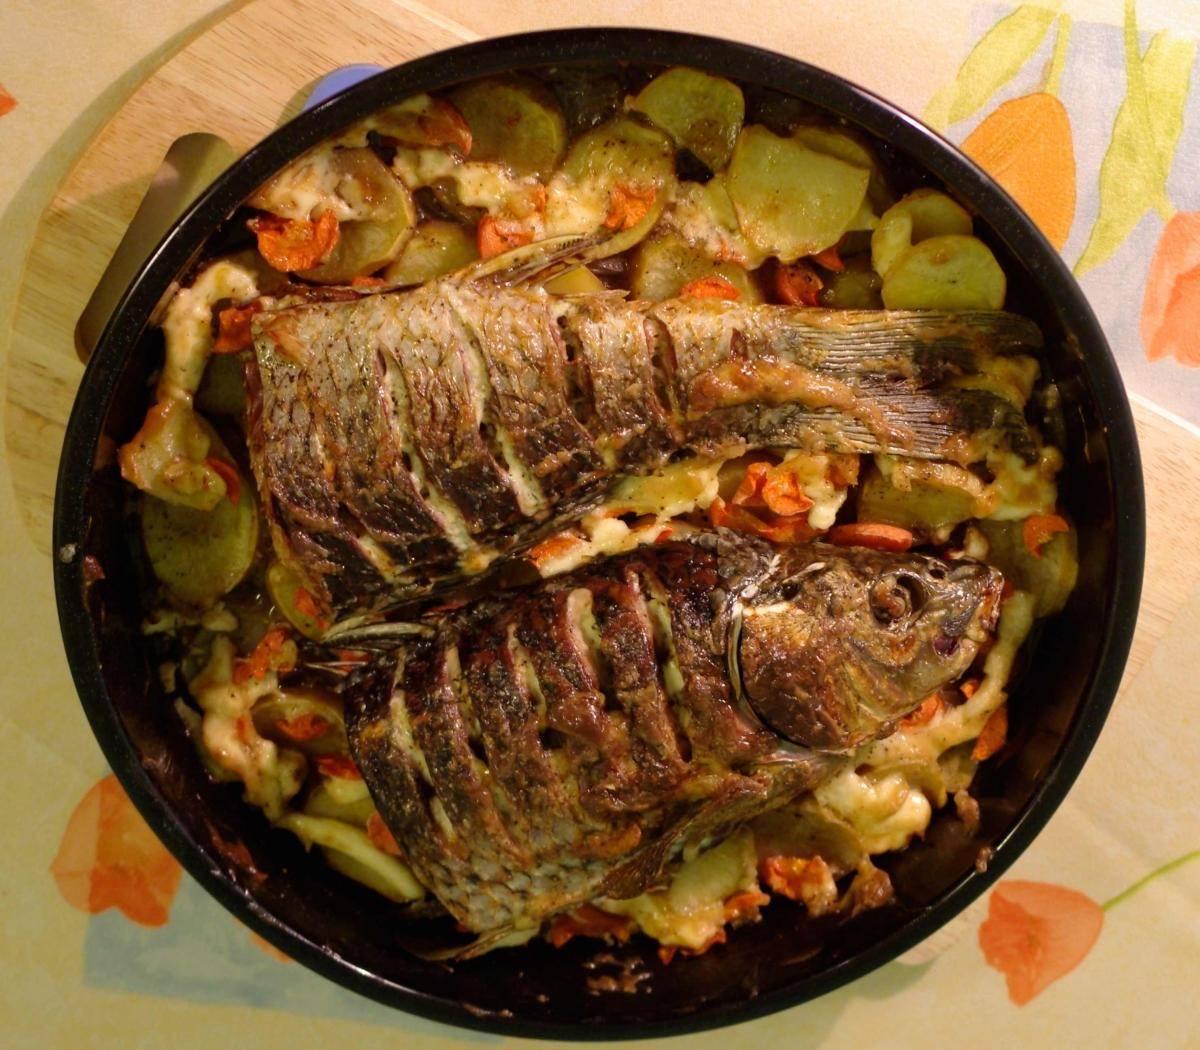 Сазан в духовке с картошкой ? рецепты приготовления, в фольге, в рукаве, сазан фаршированный, запекаем в сметане, видео